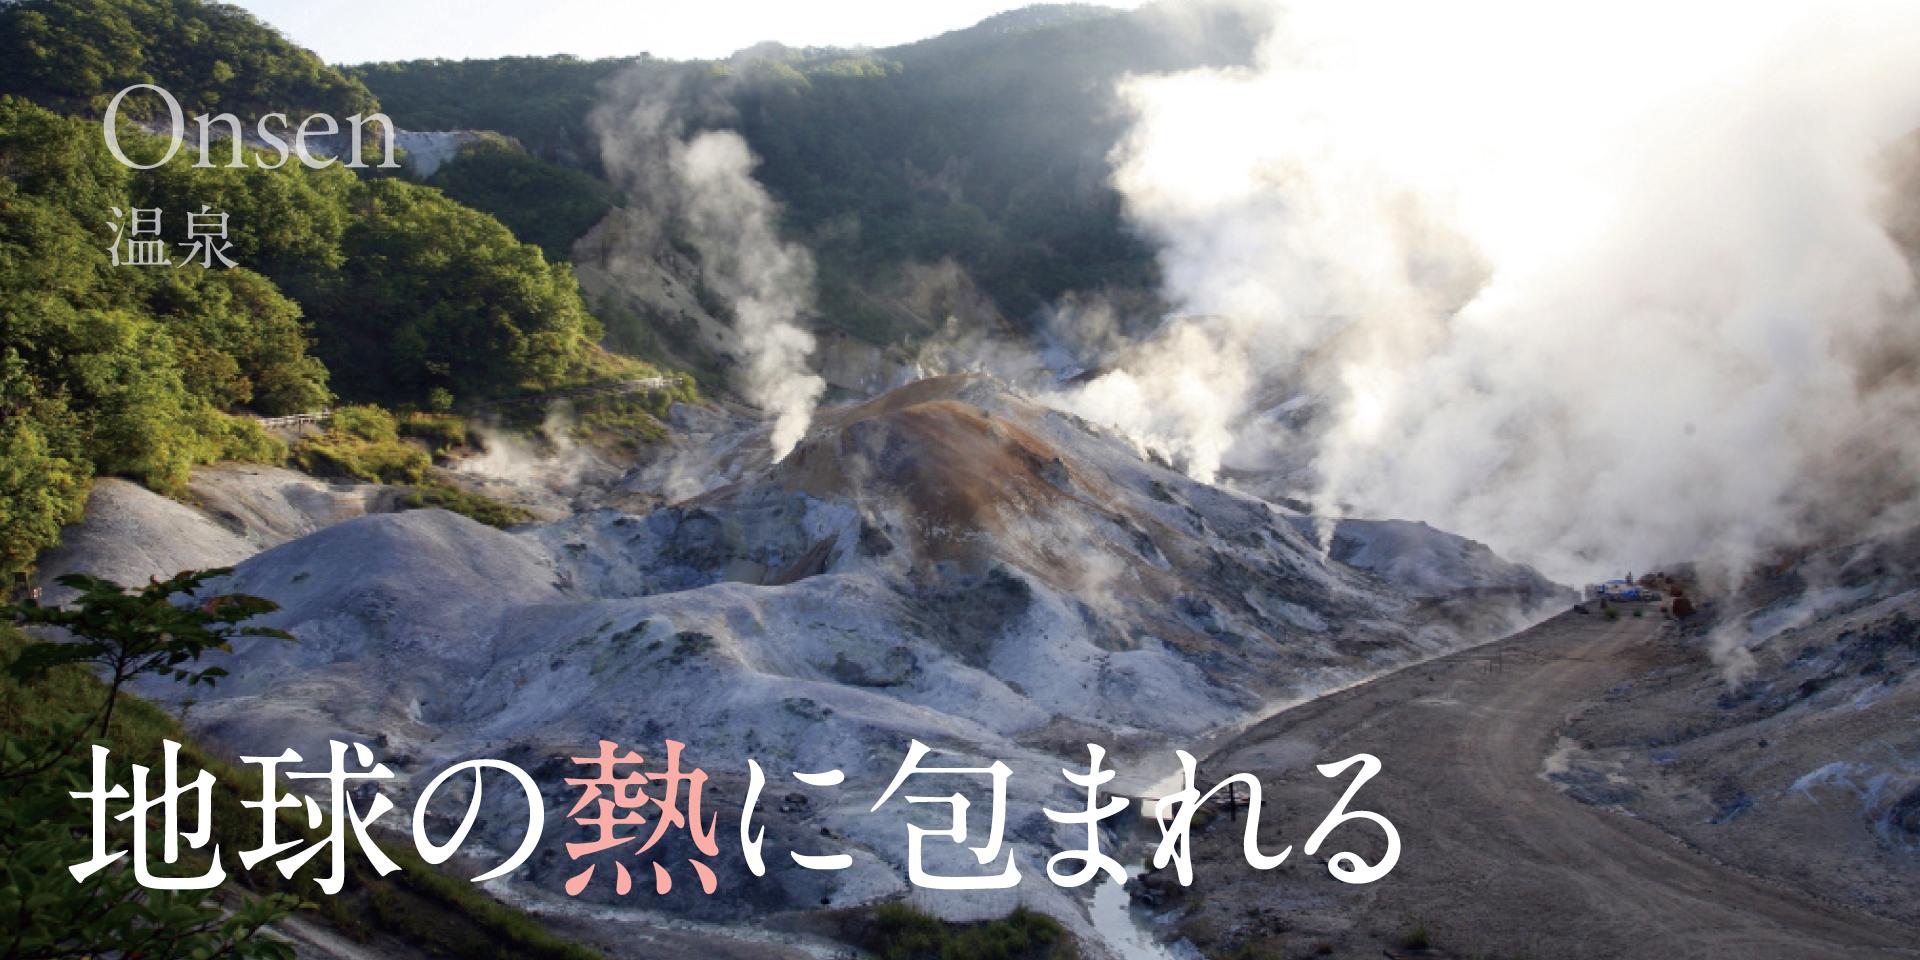 温泉 地球の熱に包まれる。